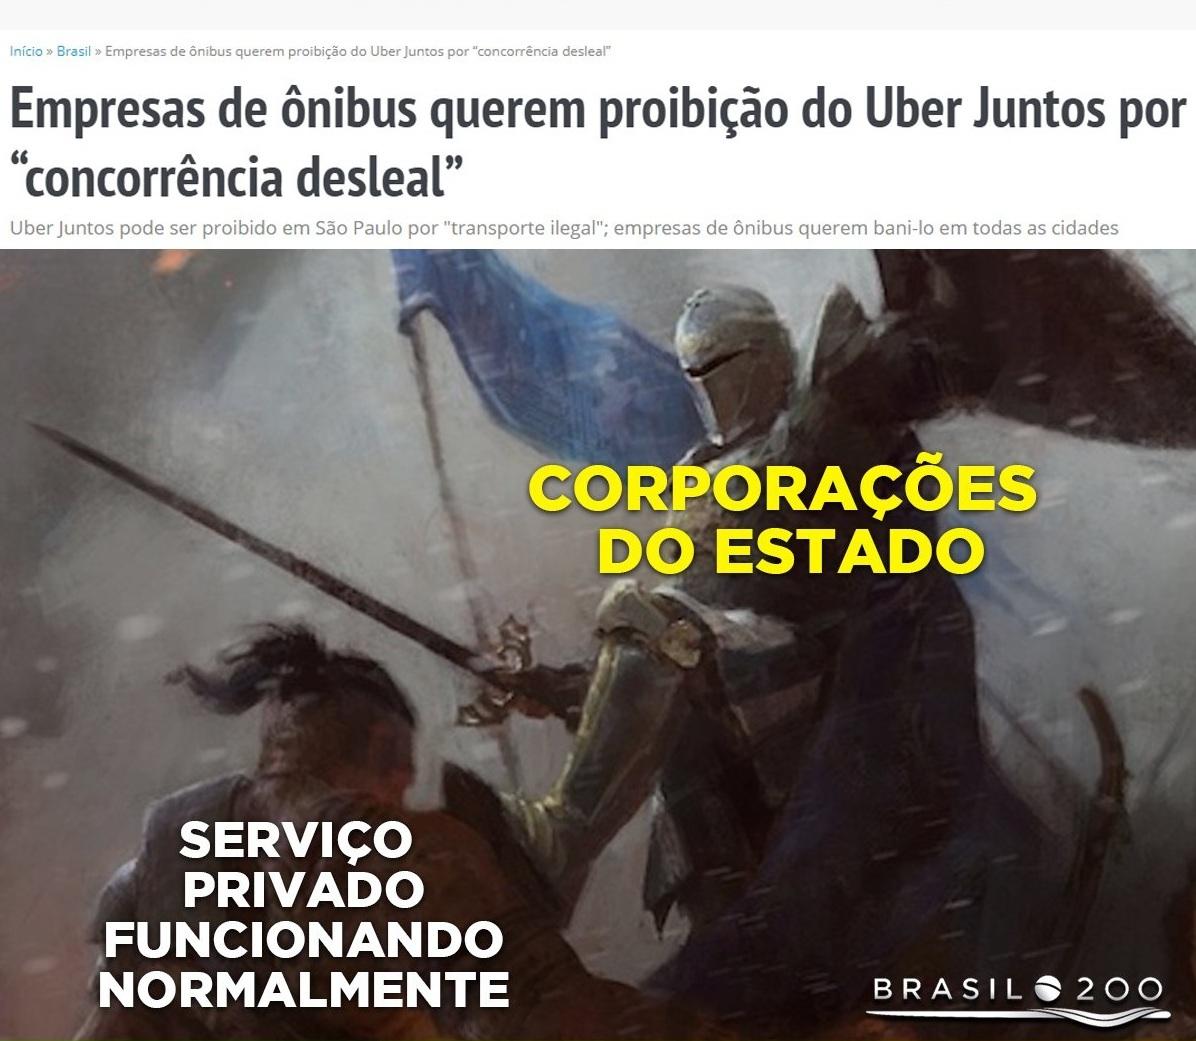 Paulo Guedes, Socorrooo - meme